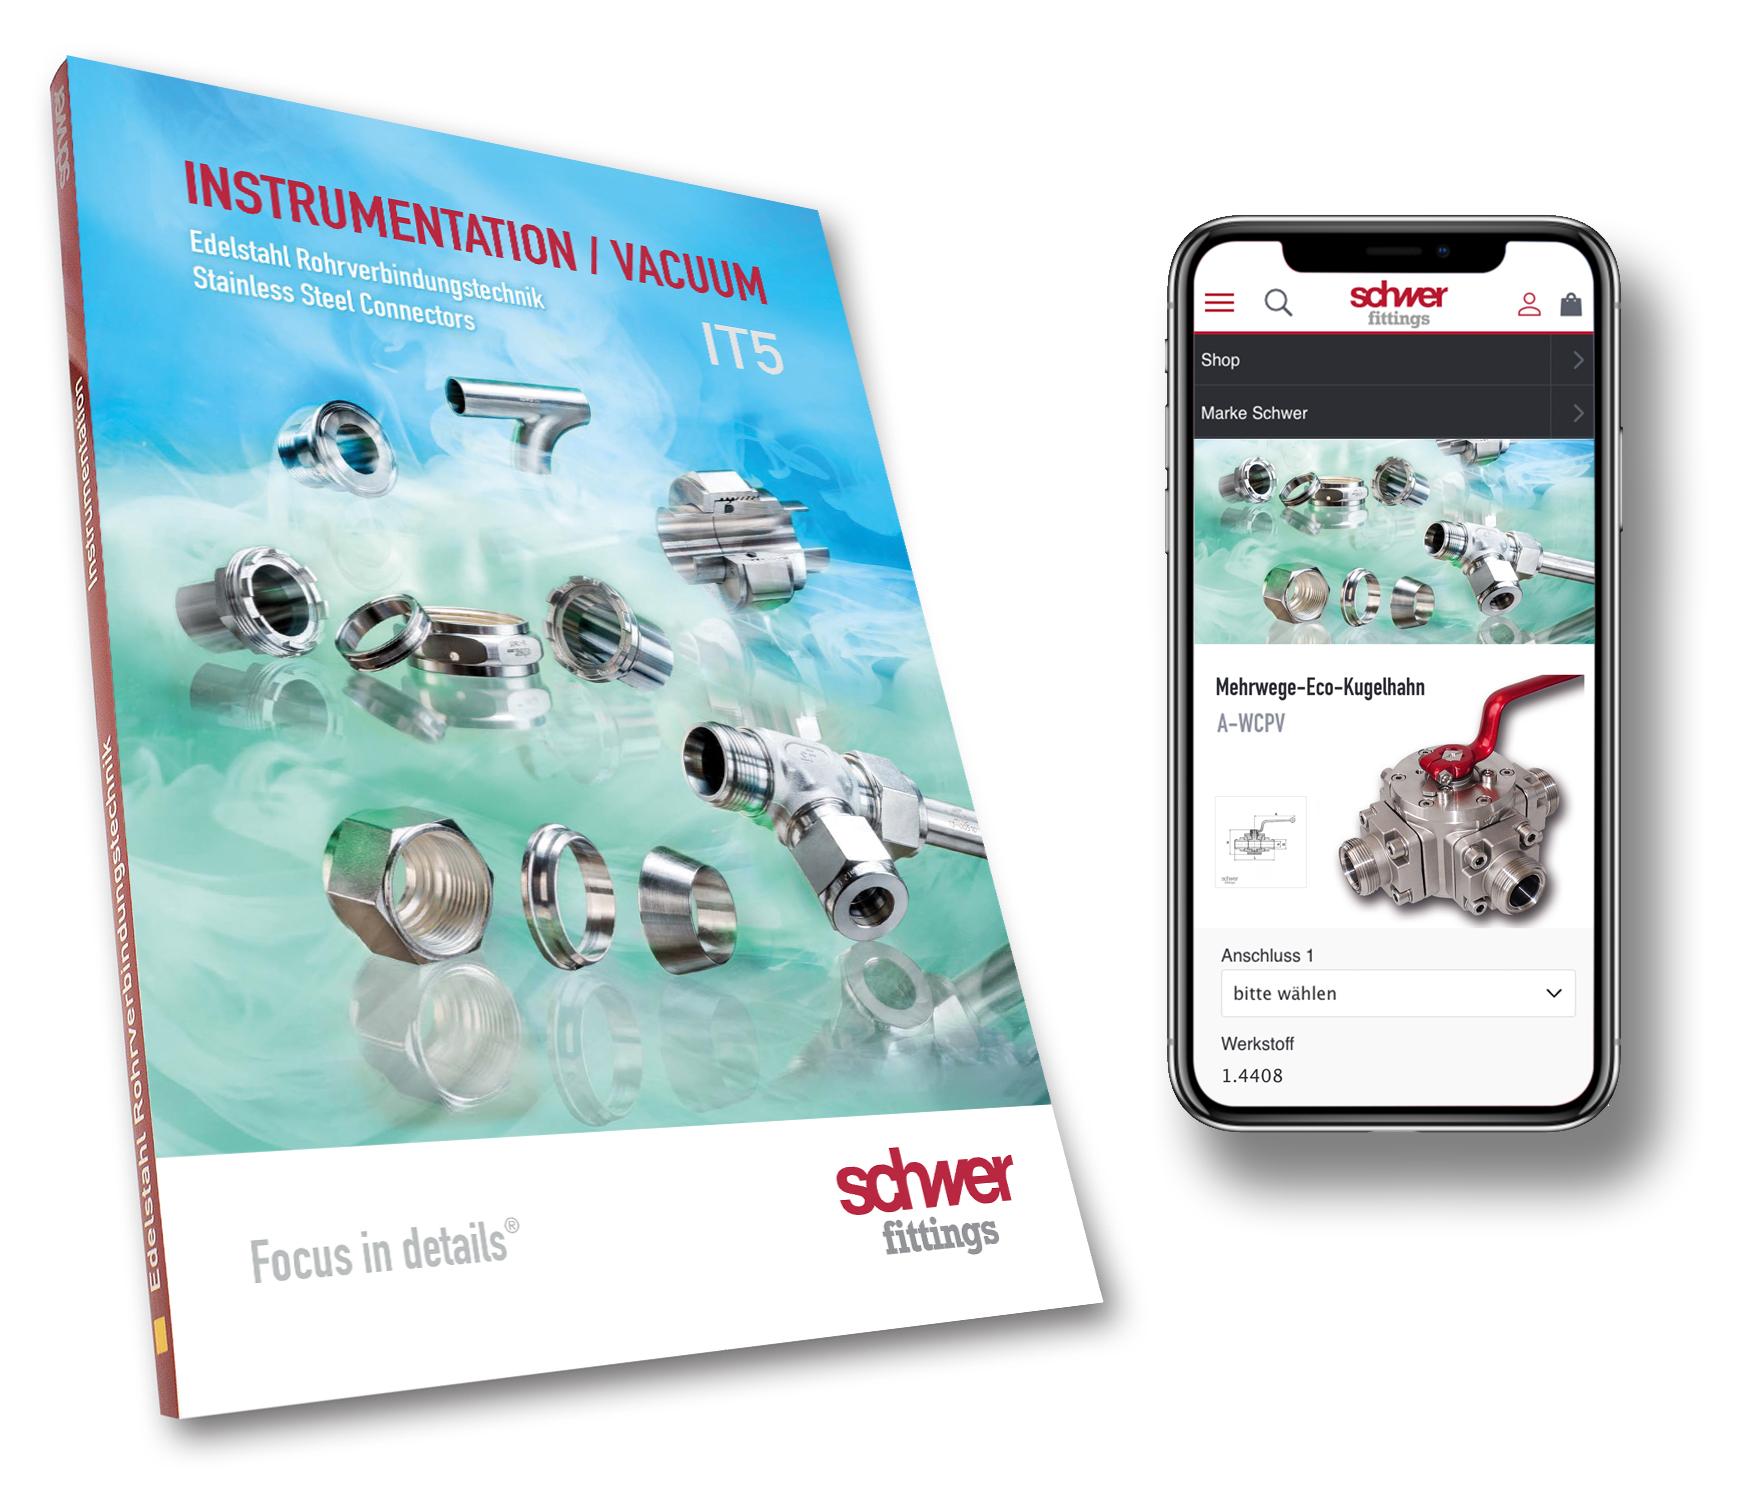 """Neue Ausgabe des Kataloges """"Instrumentation/Vacuum"""" in der Edelstahl Rohrverbindungstechnik"""